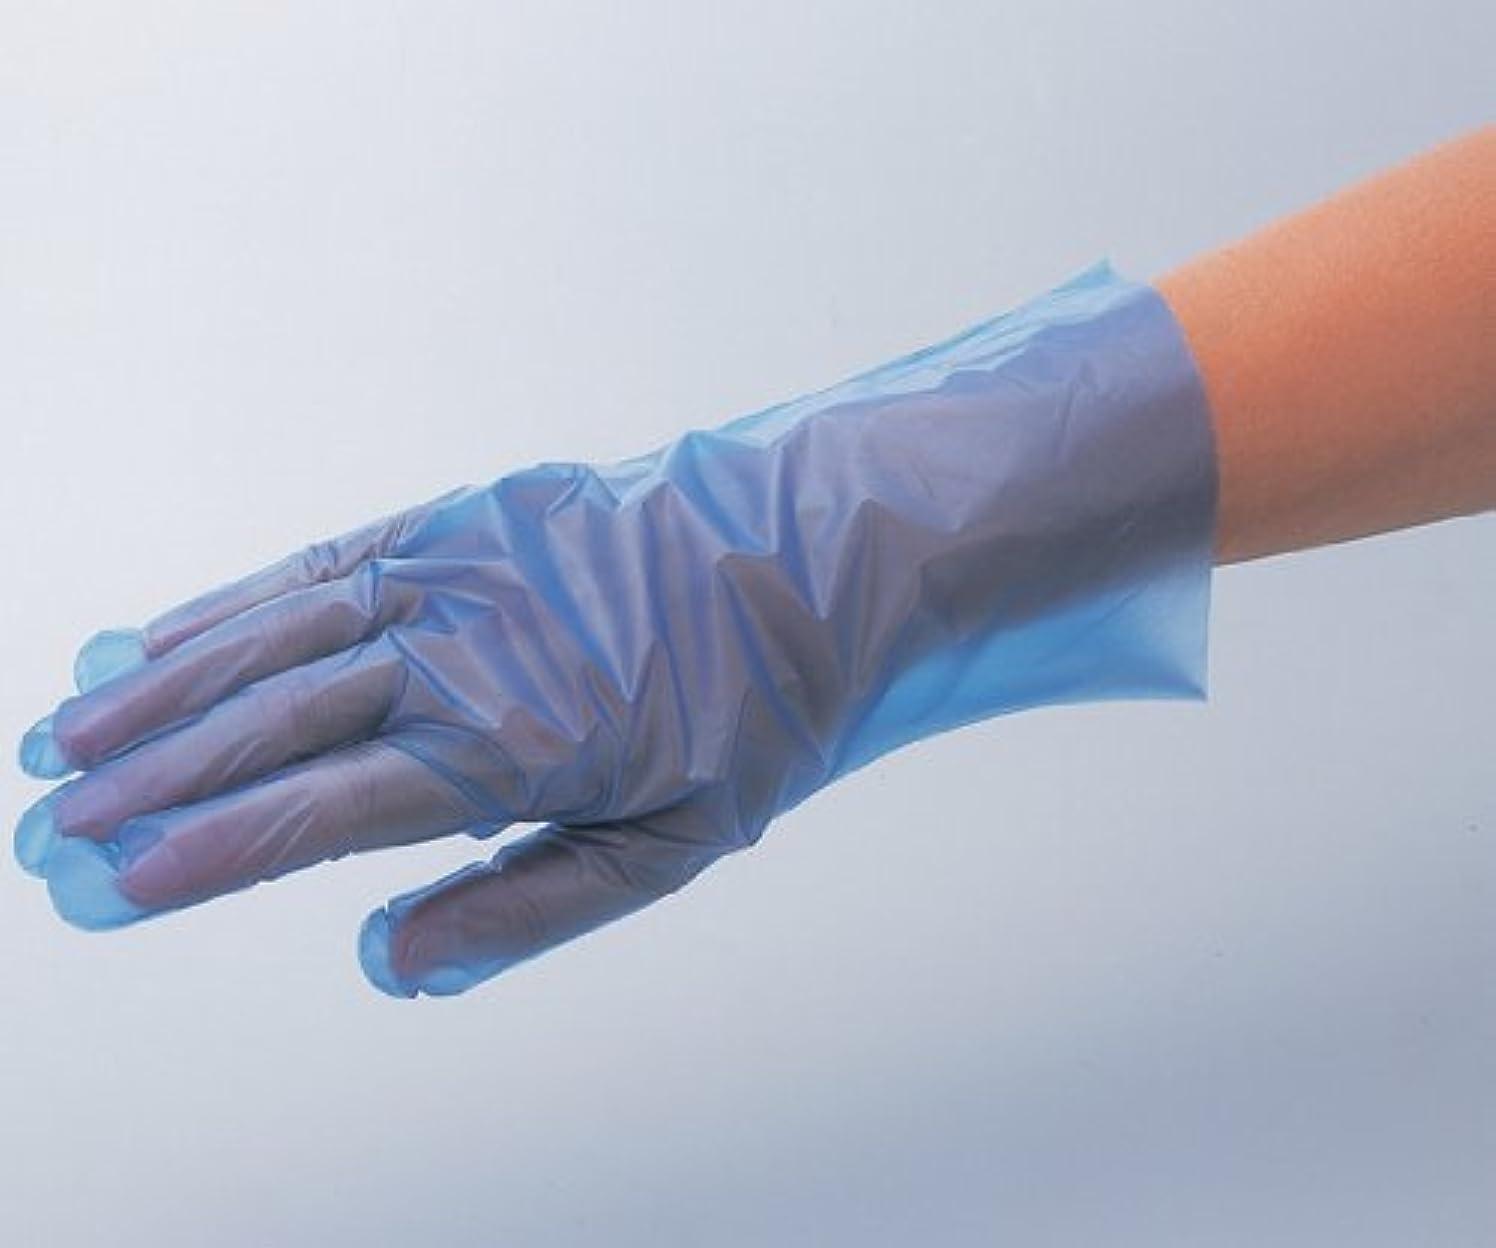 持参デイジー学ぶアズワン6-9730-56サニーノール手袋エコロジーケース販売6000枚入Sブルー